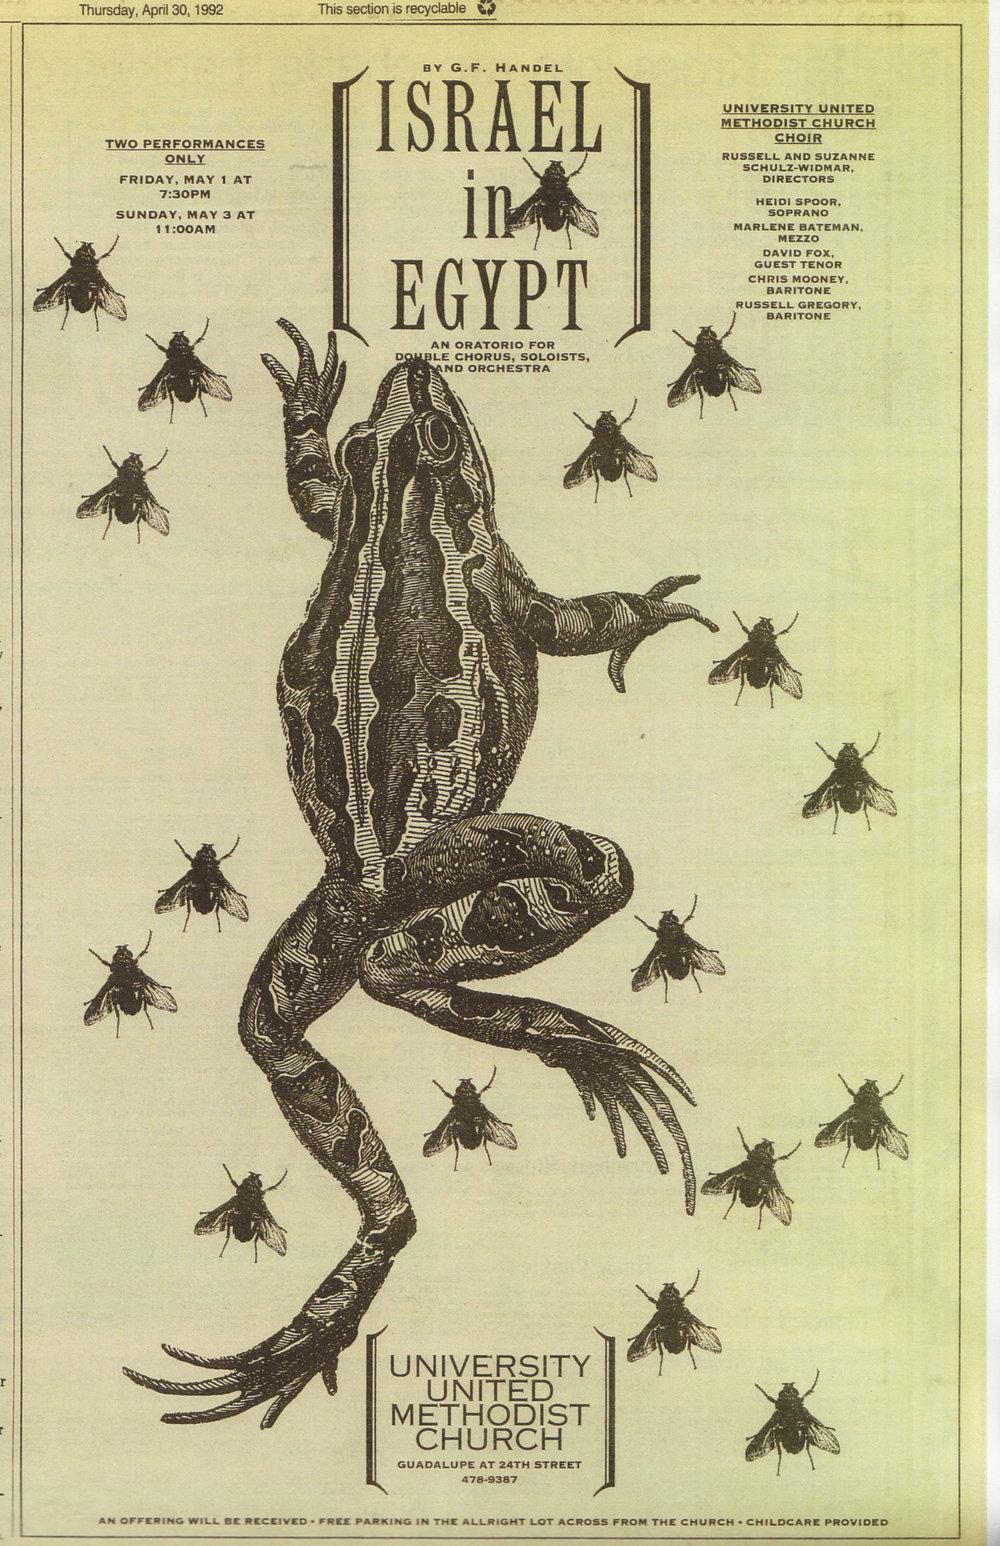 IsraelInEgypt.jpg